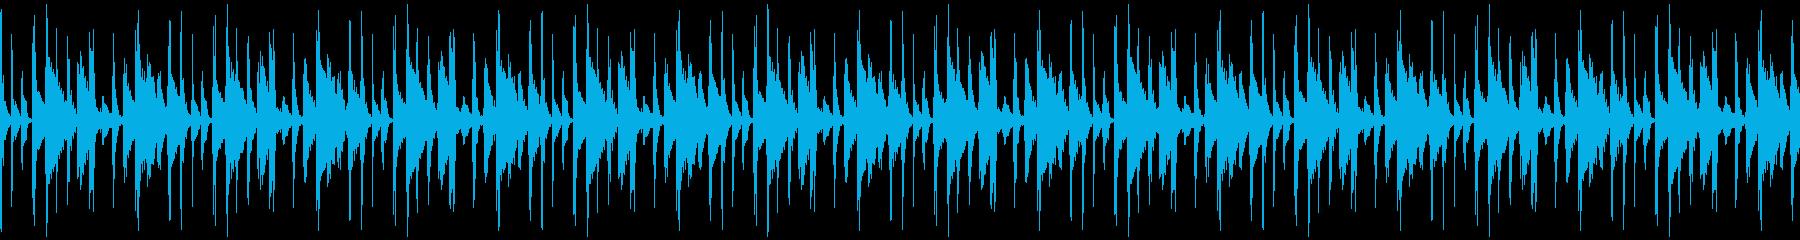 サンバ・パーカッションのループ音素材の再生済みの波形